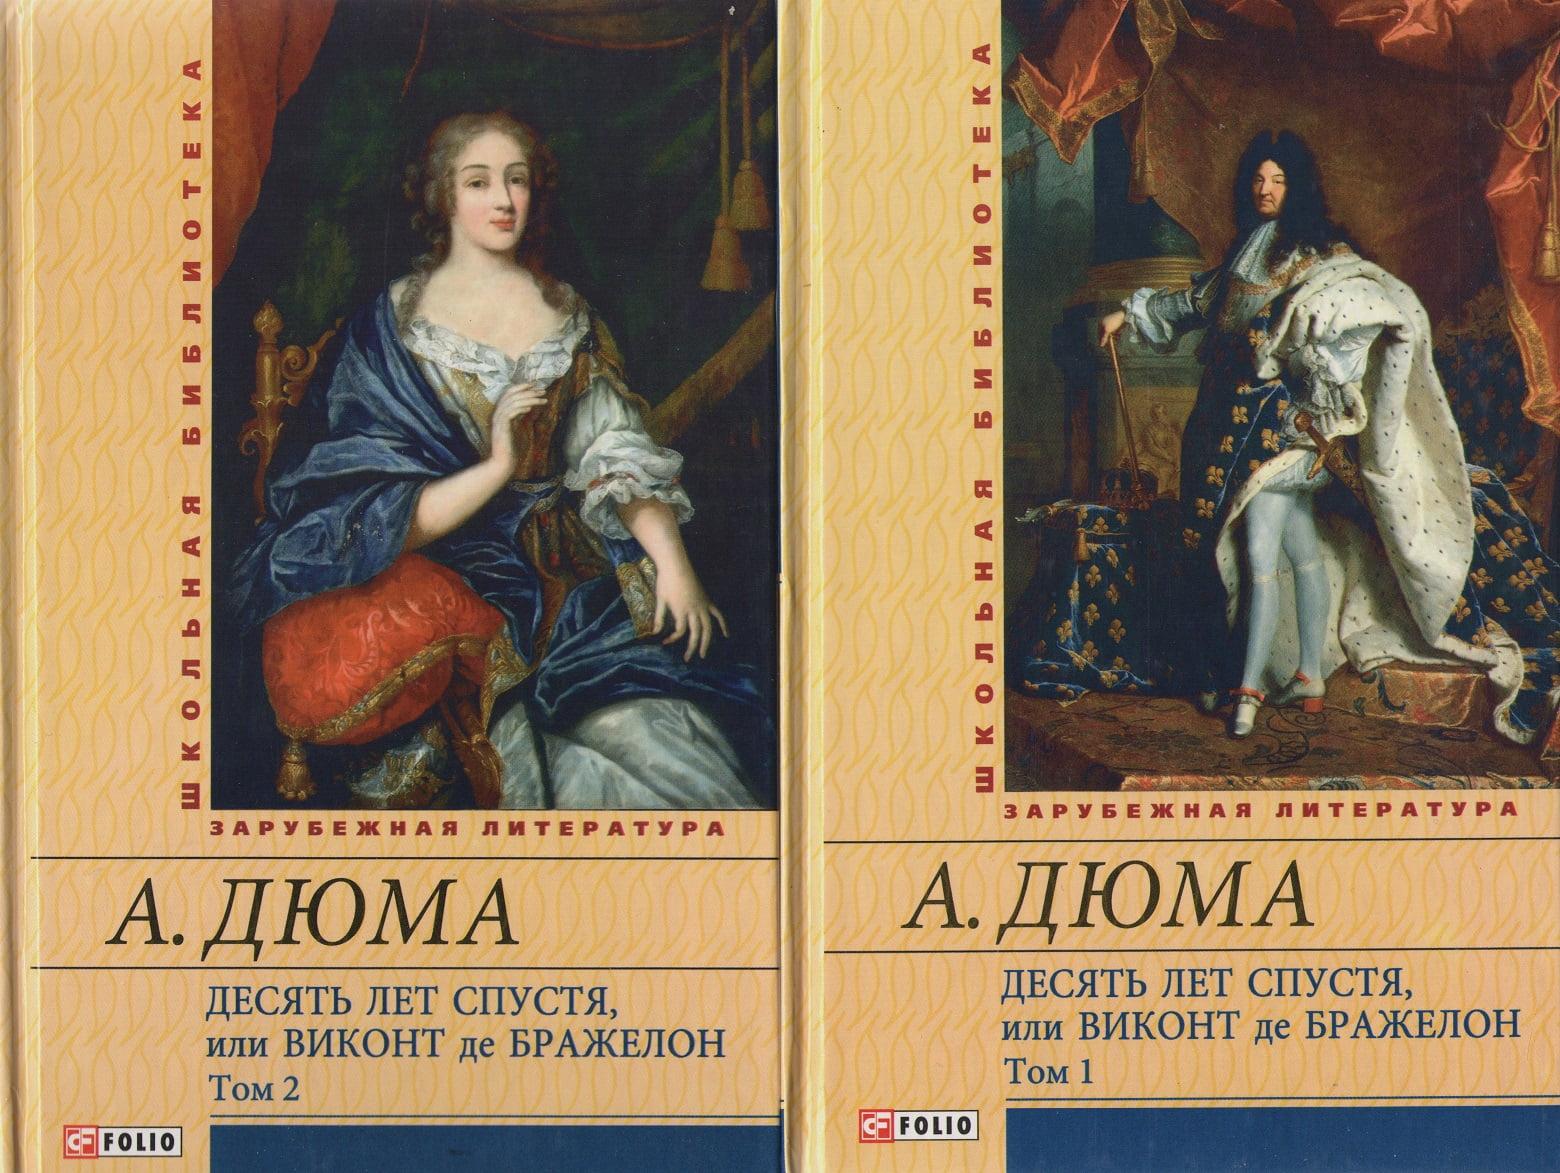 Десять років опісля, або Віконт де Бражелон В 3 томах